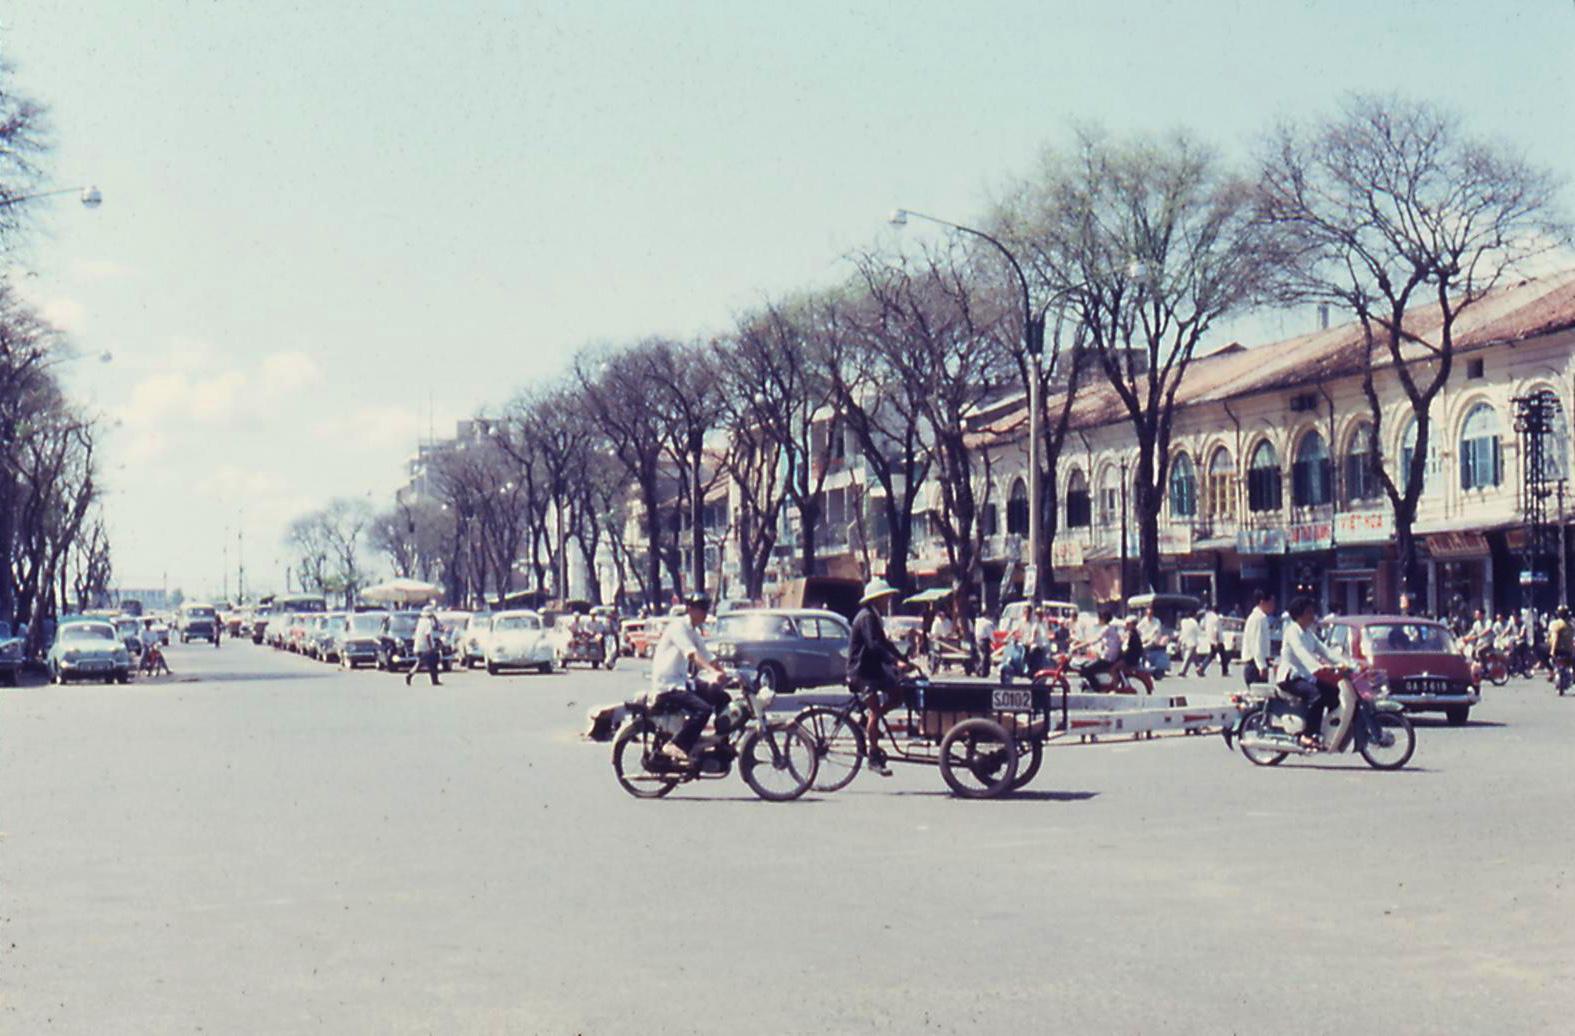 Đại lộ Nguyễn Huệ, Sài Gòn, năm 1967-1968. Ảnh. Dave DeMIlner.